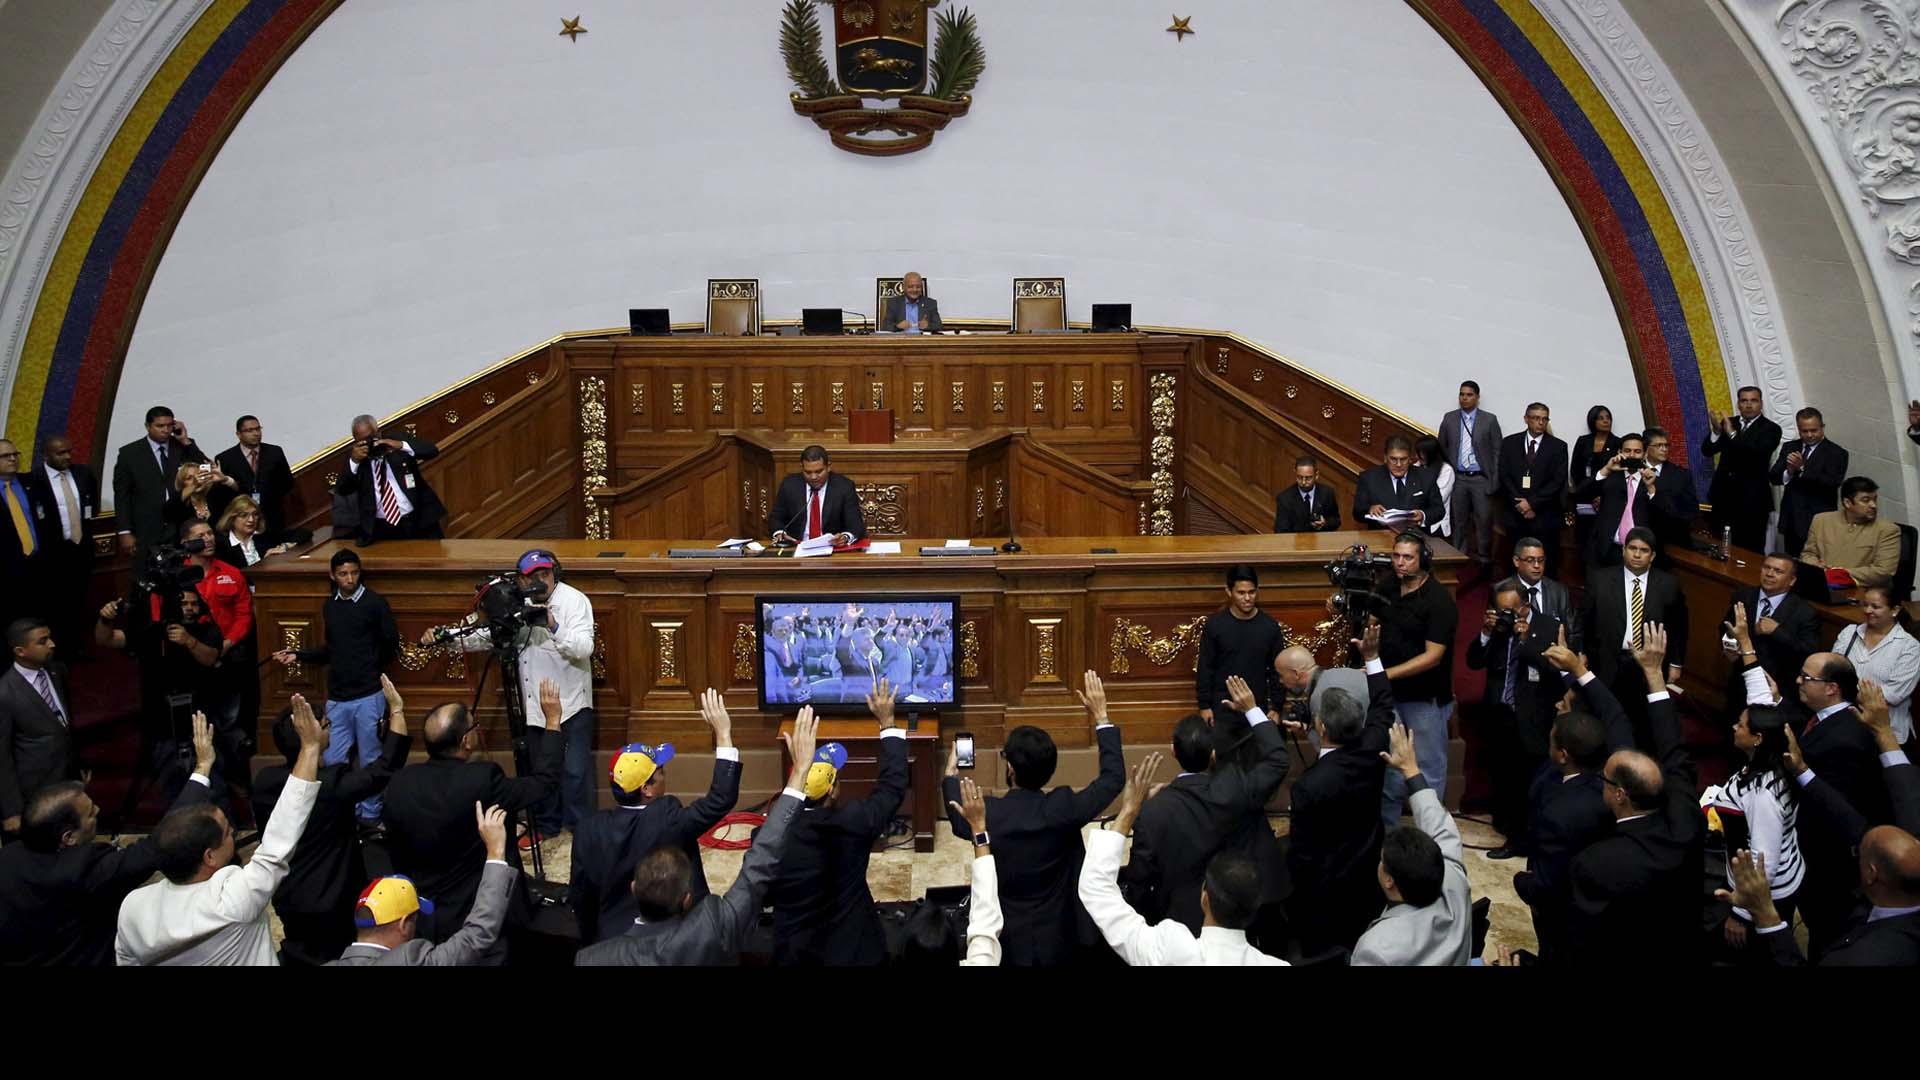 163 diputados se juramentaron, en tanto los cuatro impugnados esperan por la decisión del TSJ